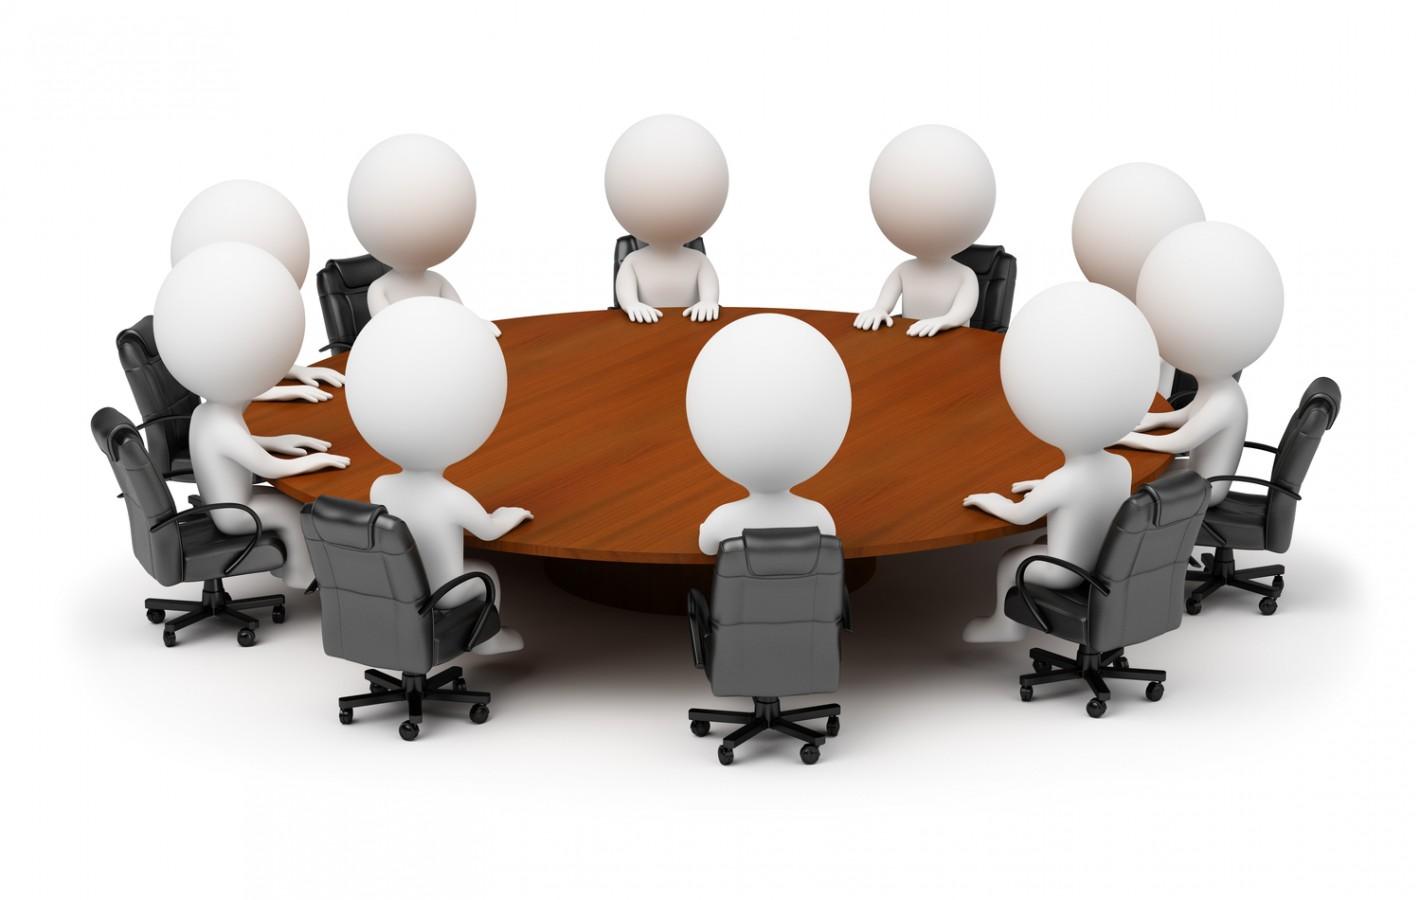 Incontro SNA – Gruppi agenti UnipolSai, preoccupazione per le dinamiche in atto nel settore